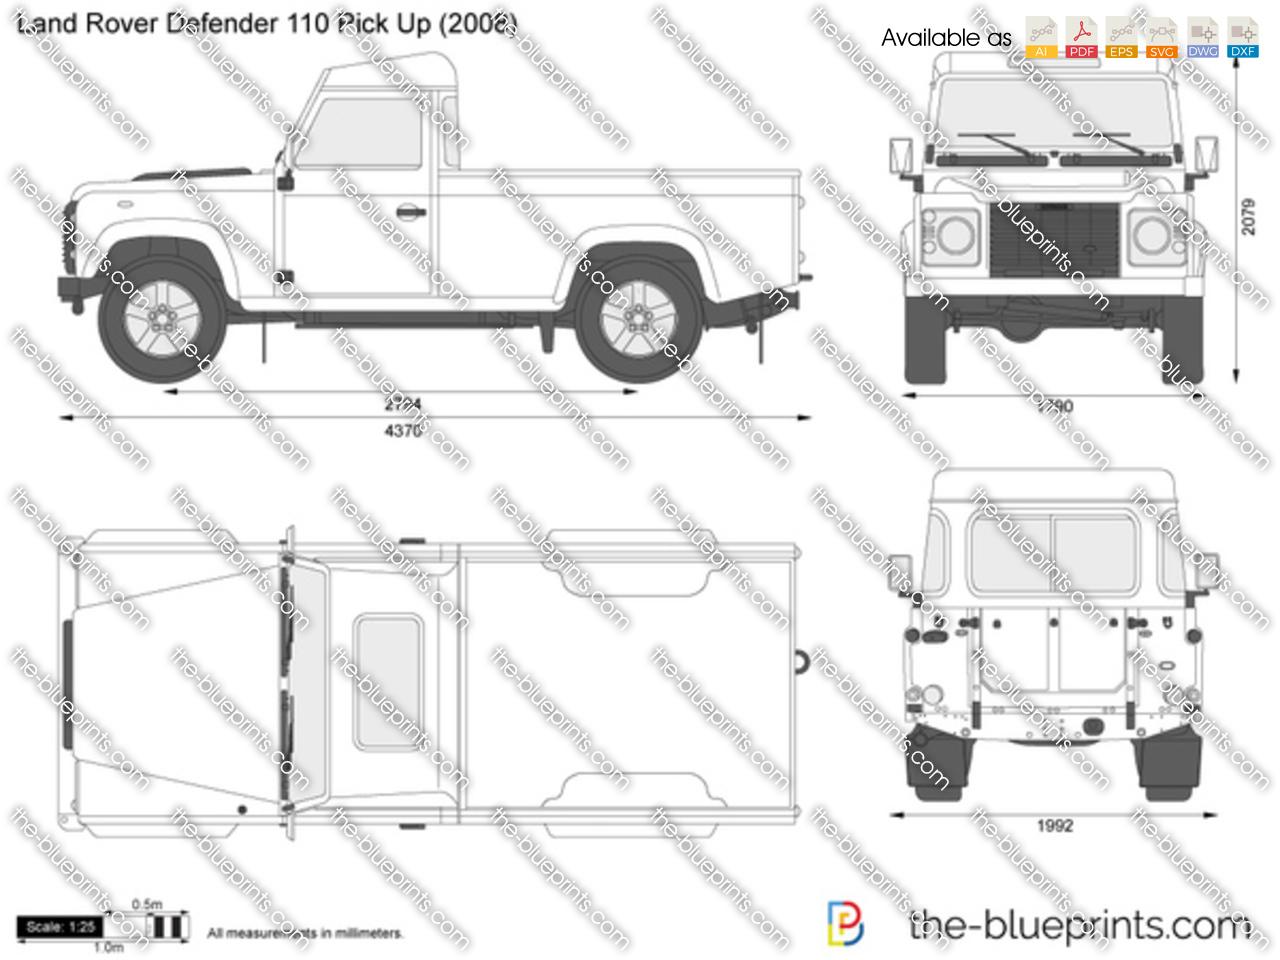 Land Rover Defender 110 Pick Up 2002